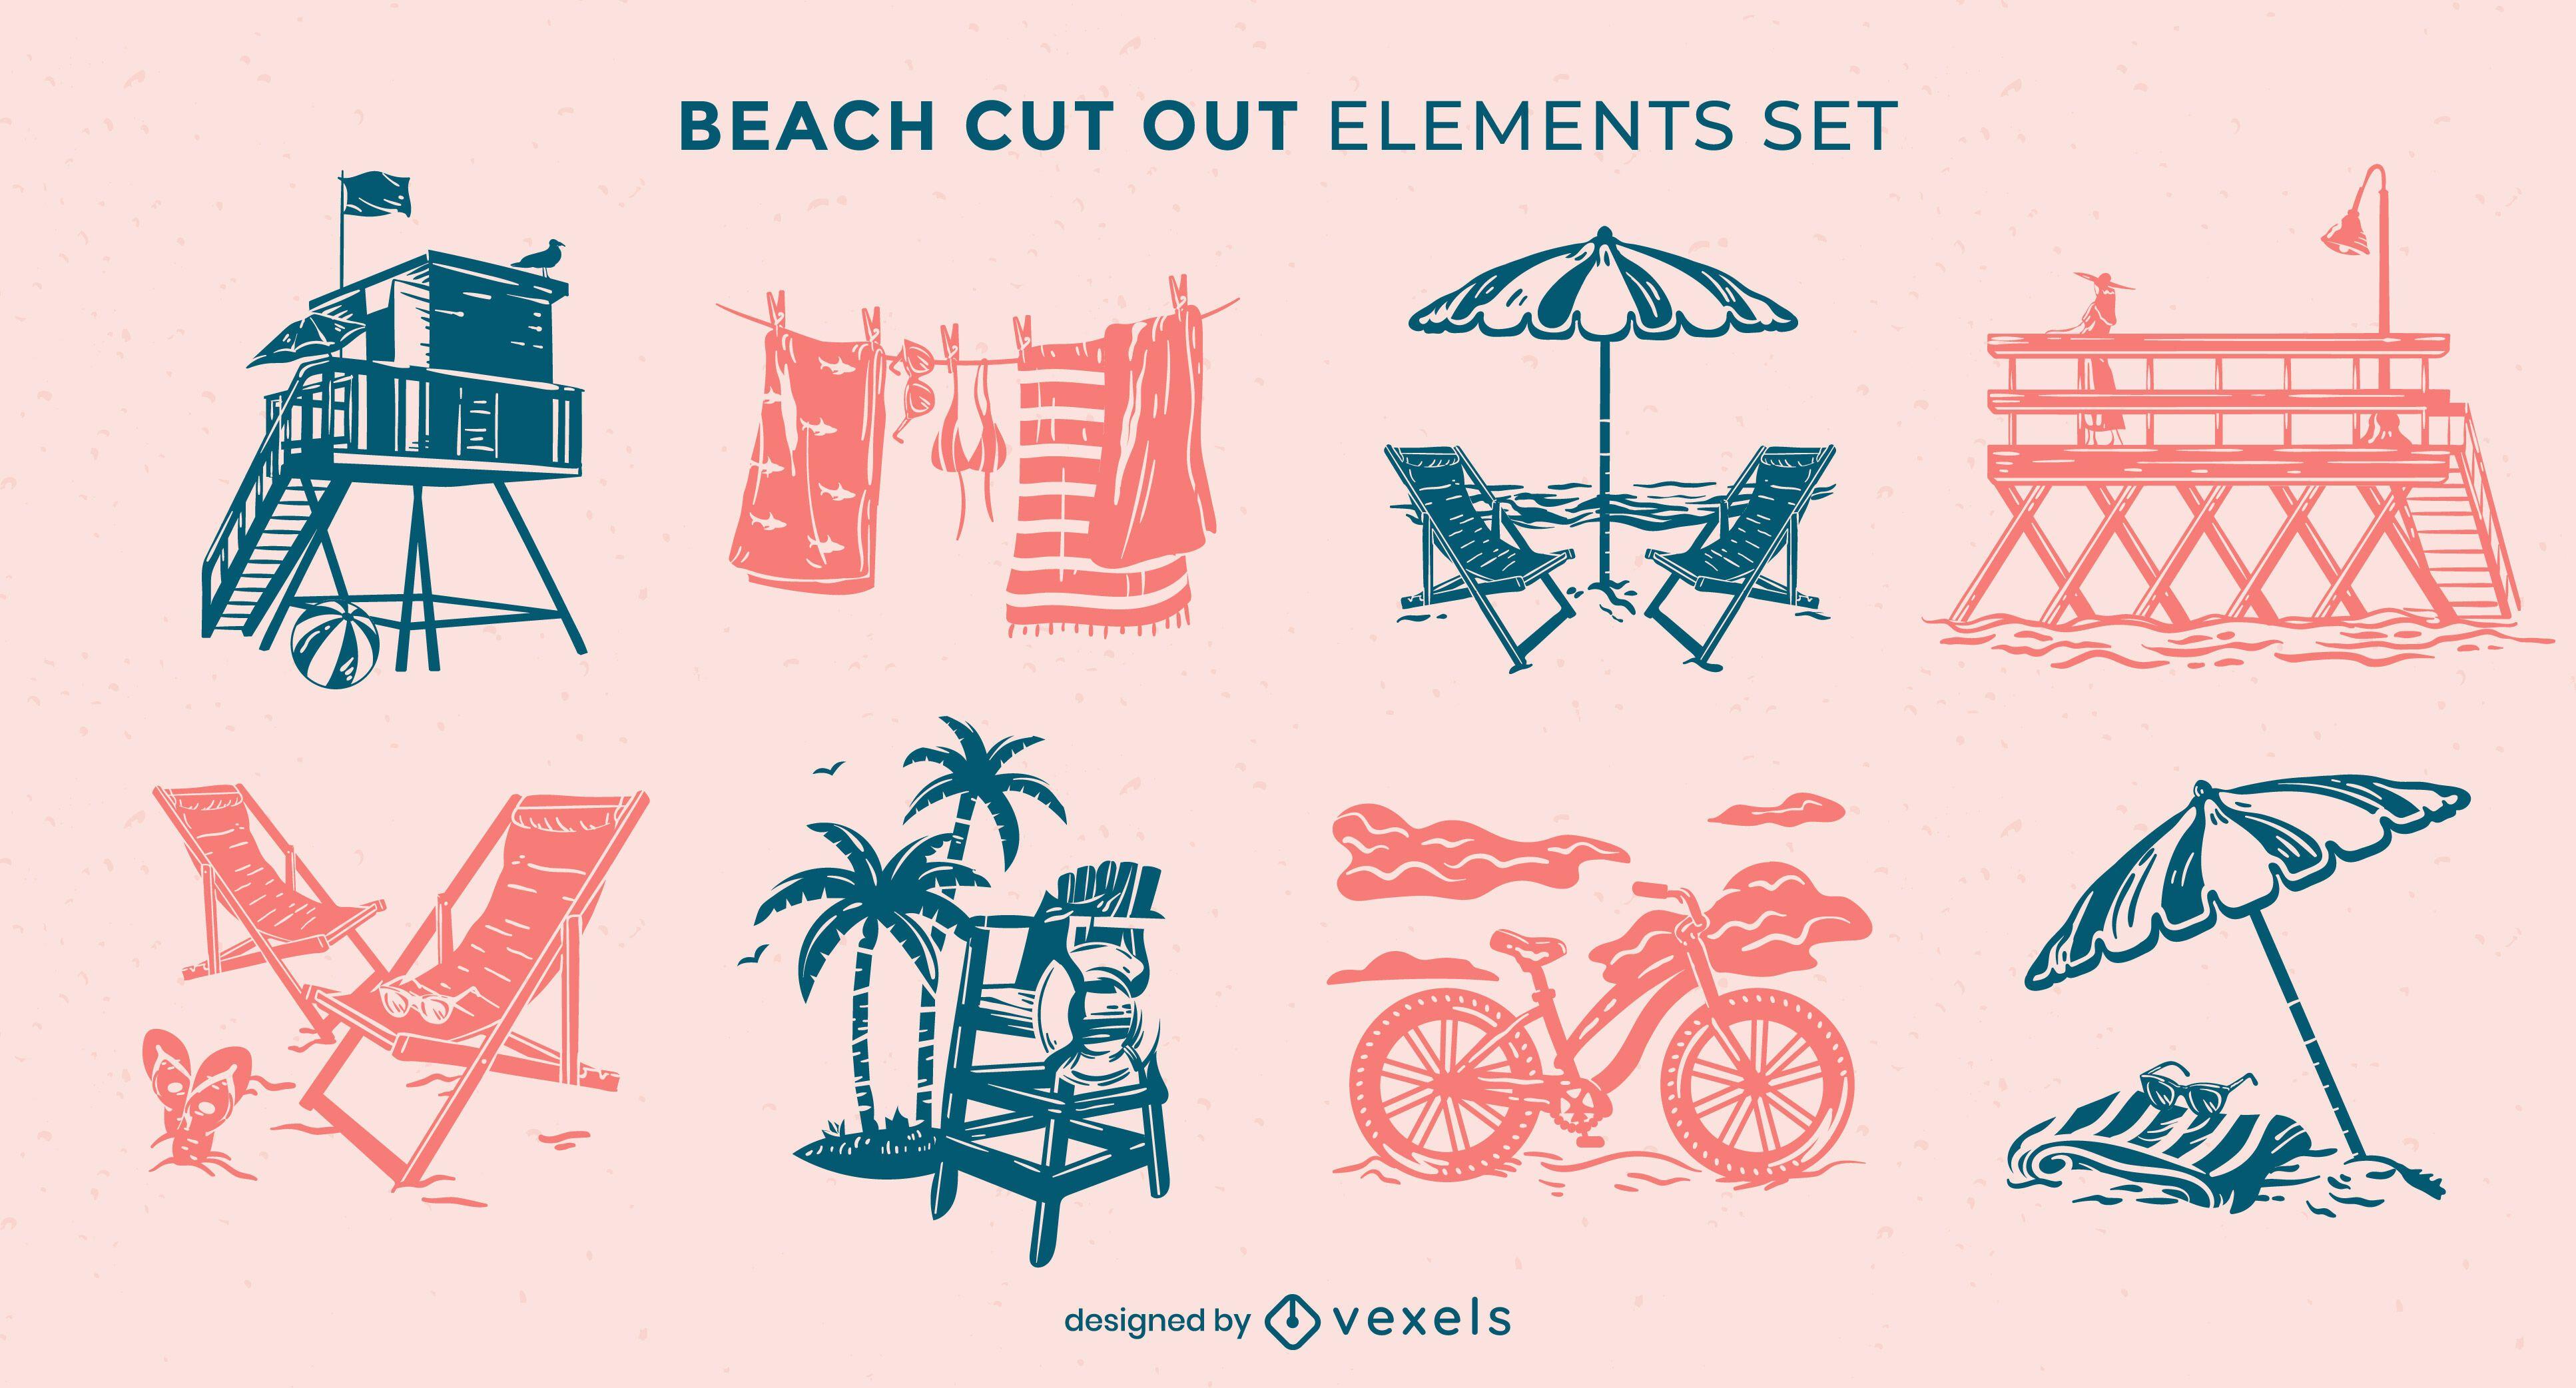 Summer beach elements cut-out set